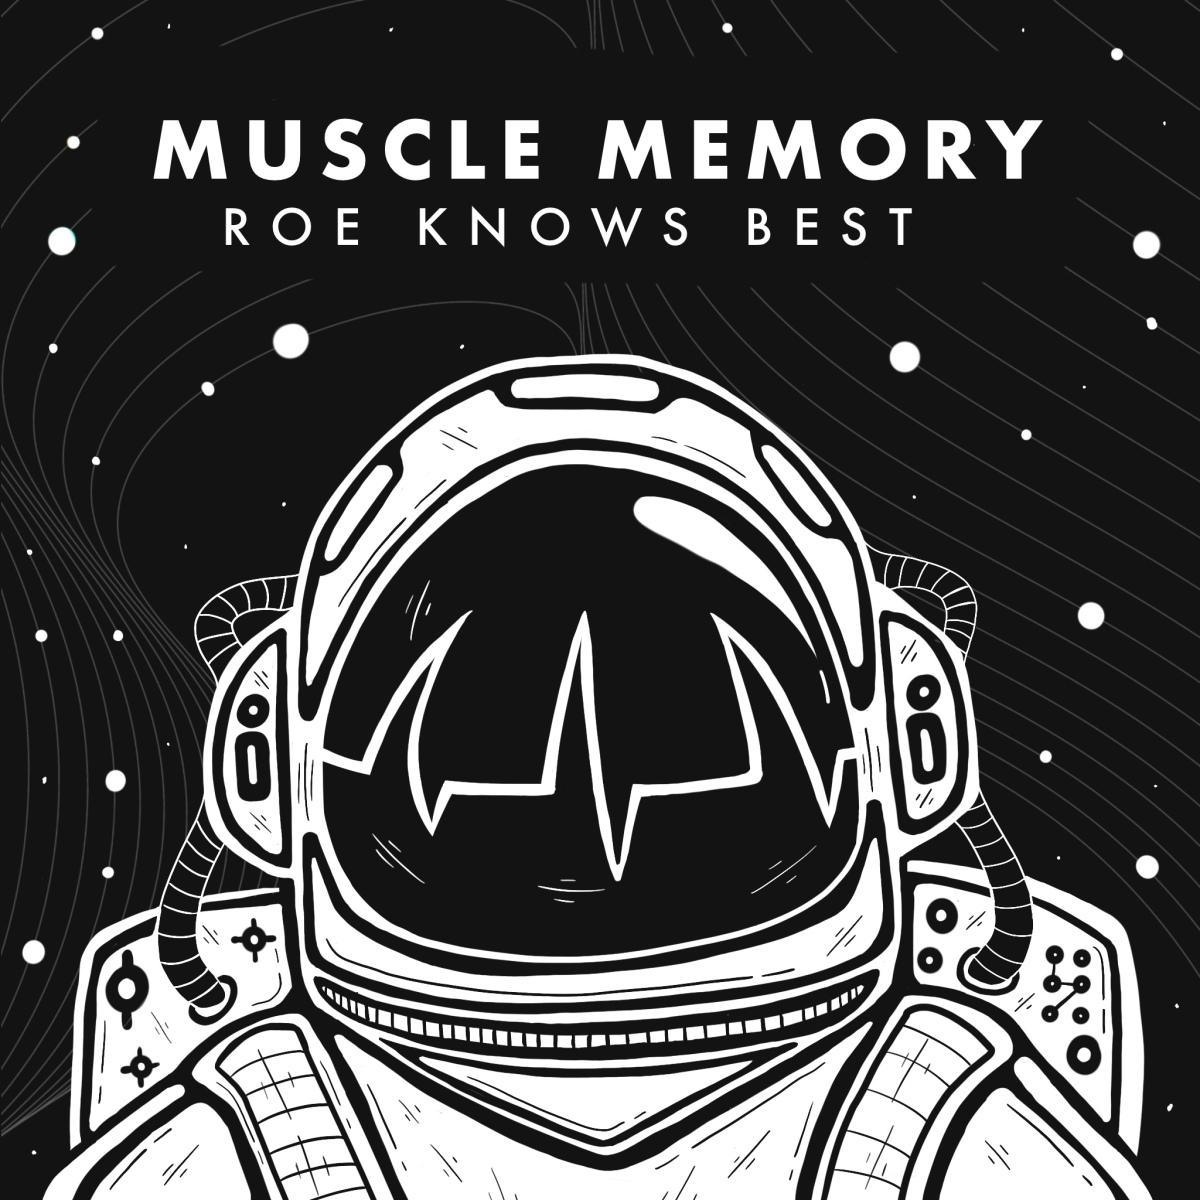 Inside 'Muscle Memory'